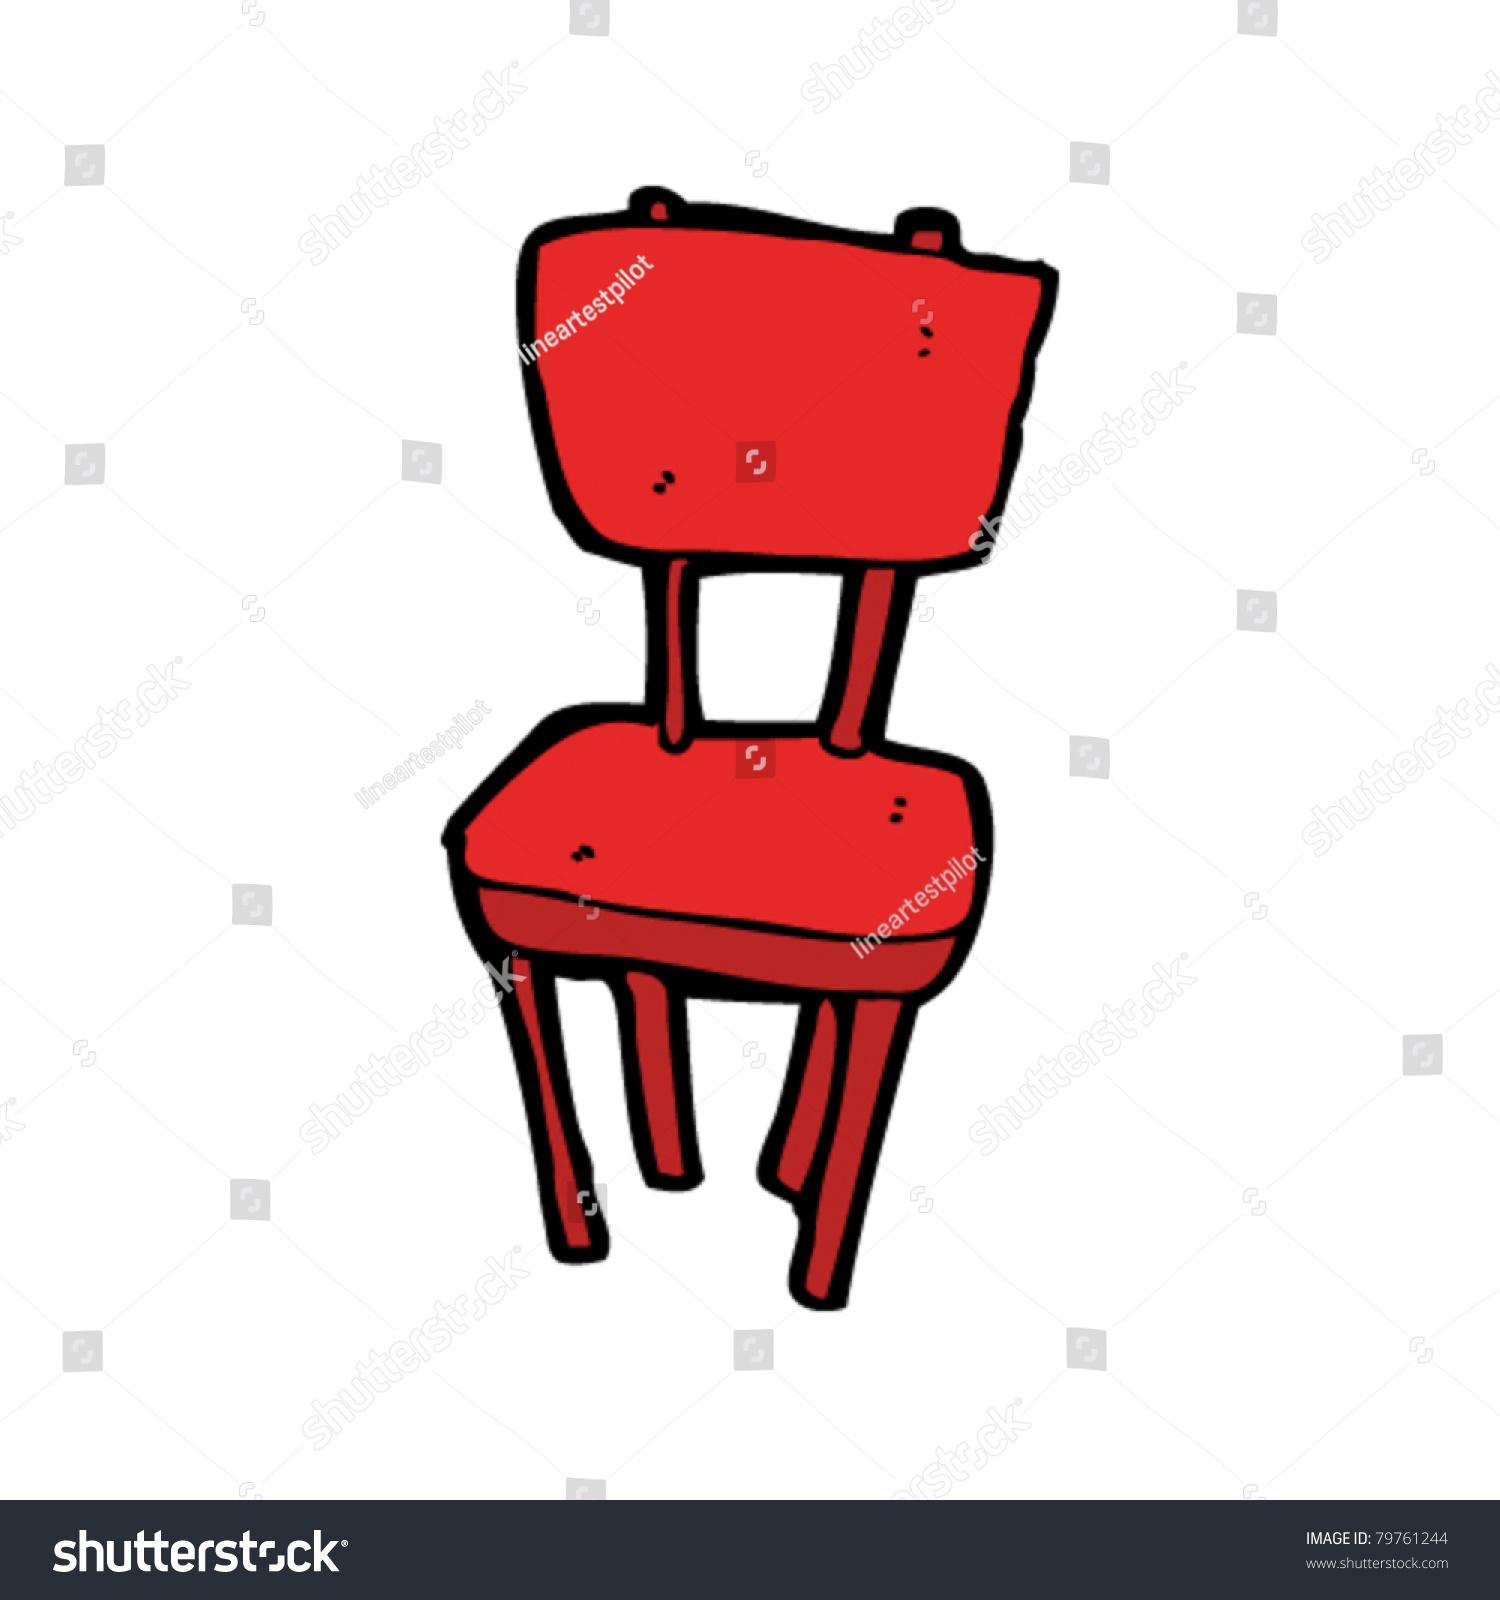 Red School Chair Cartoon Stock Vector Shutterstock